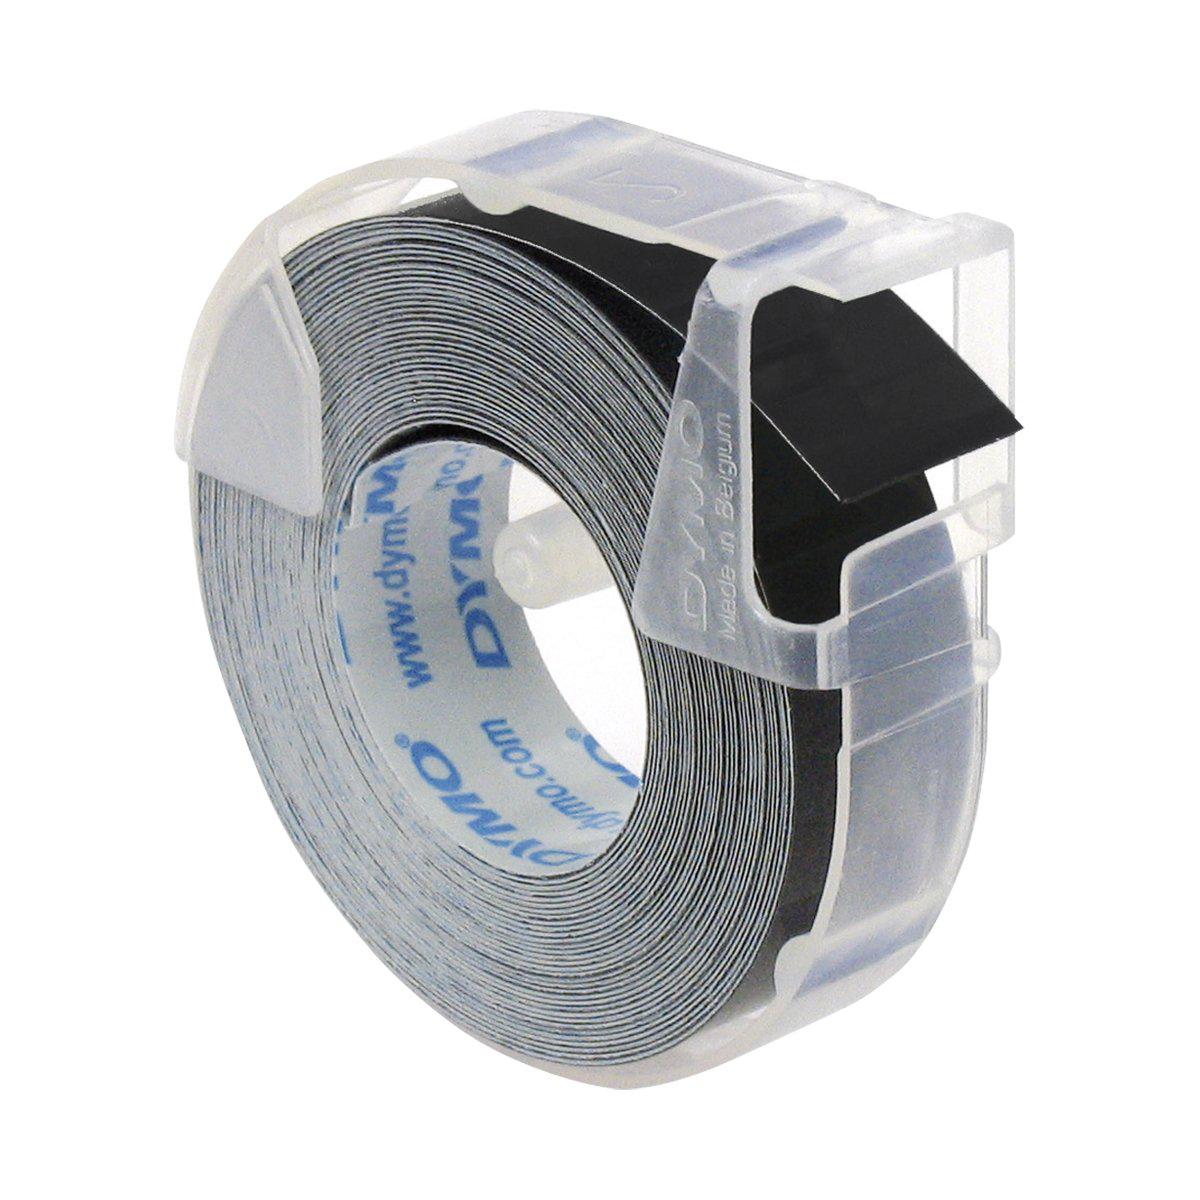 Dymo 520109 White on Black Embossing Tape